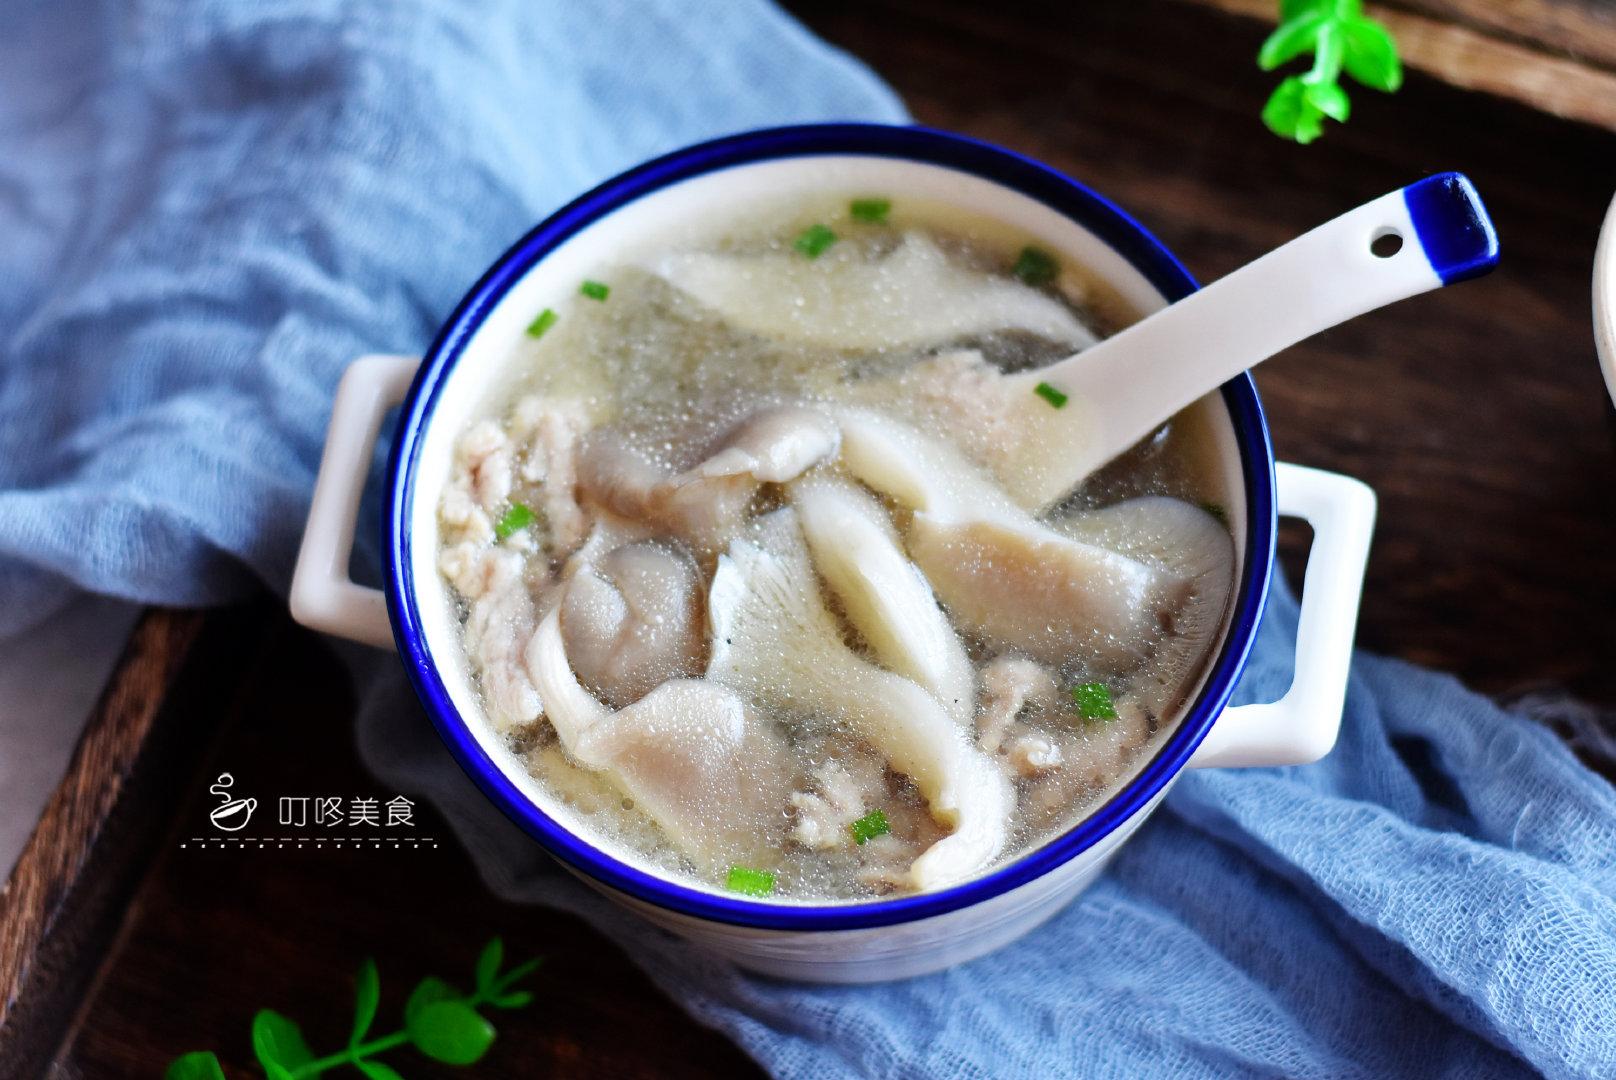 入冬了,这汤我每周准做一次,鲜香嫩滑,孩子常喝增强抵抗力